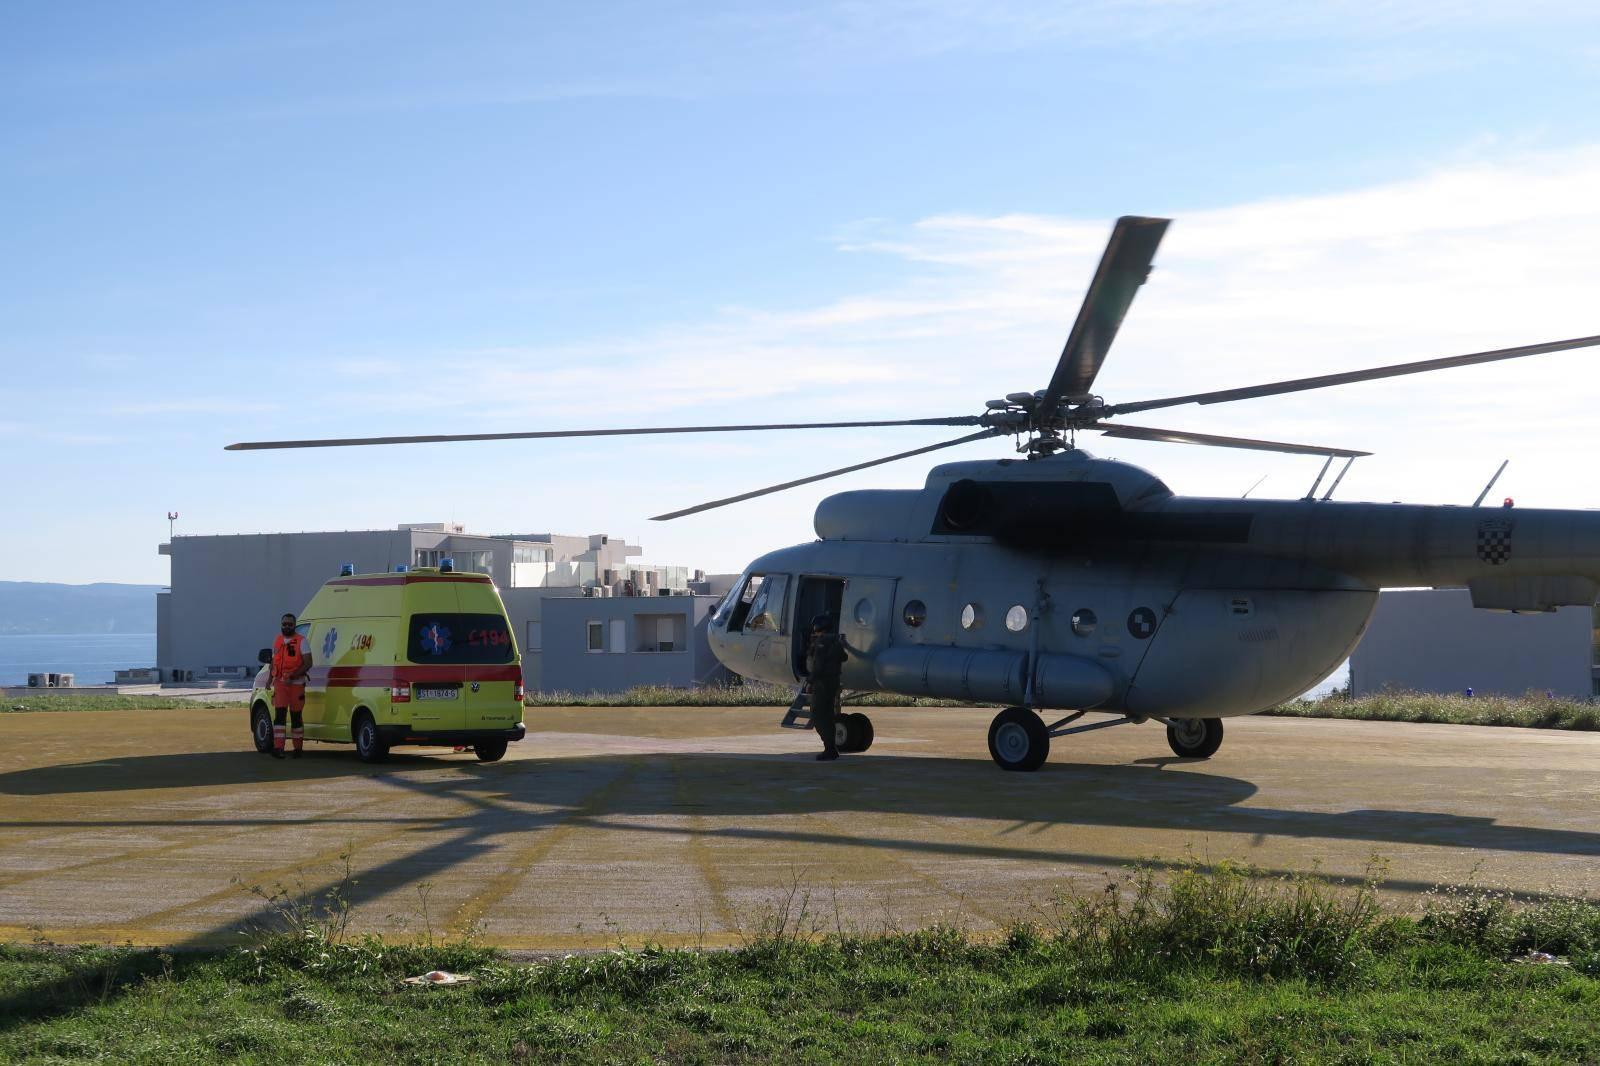 Pacijent iz Dubrovnika dovezen helikopterom u Split